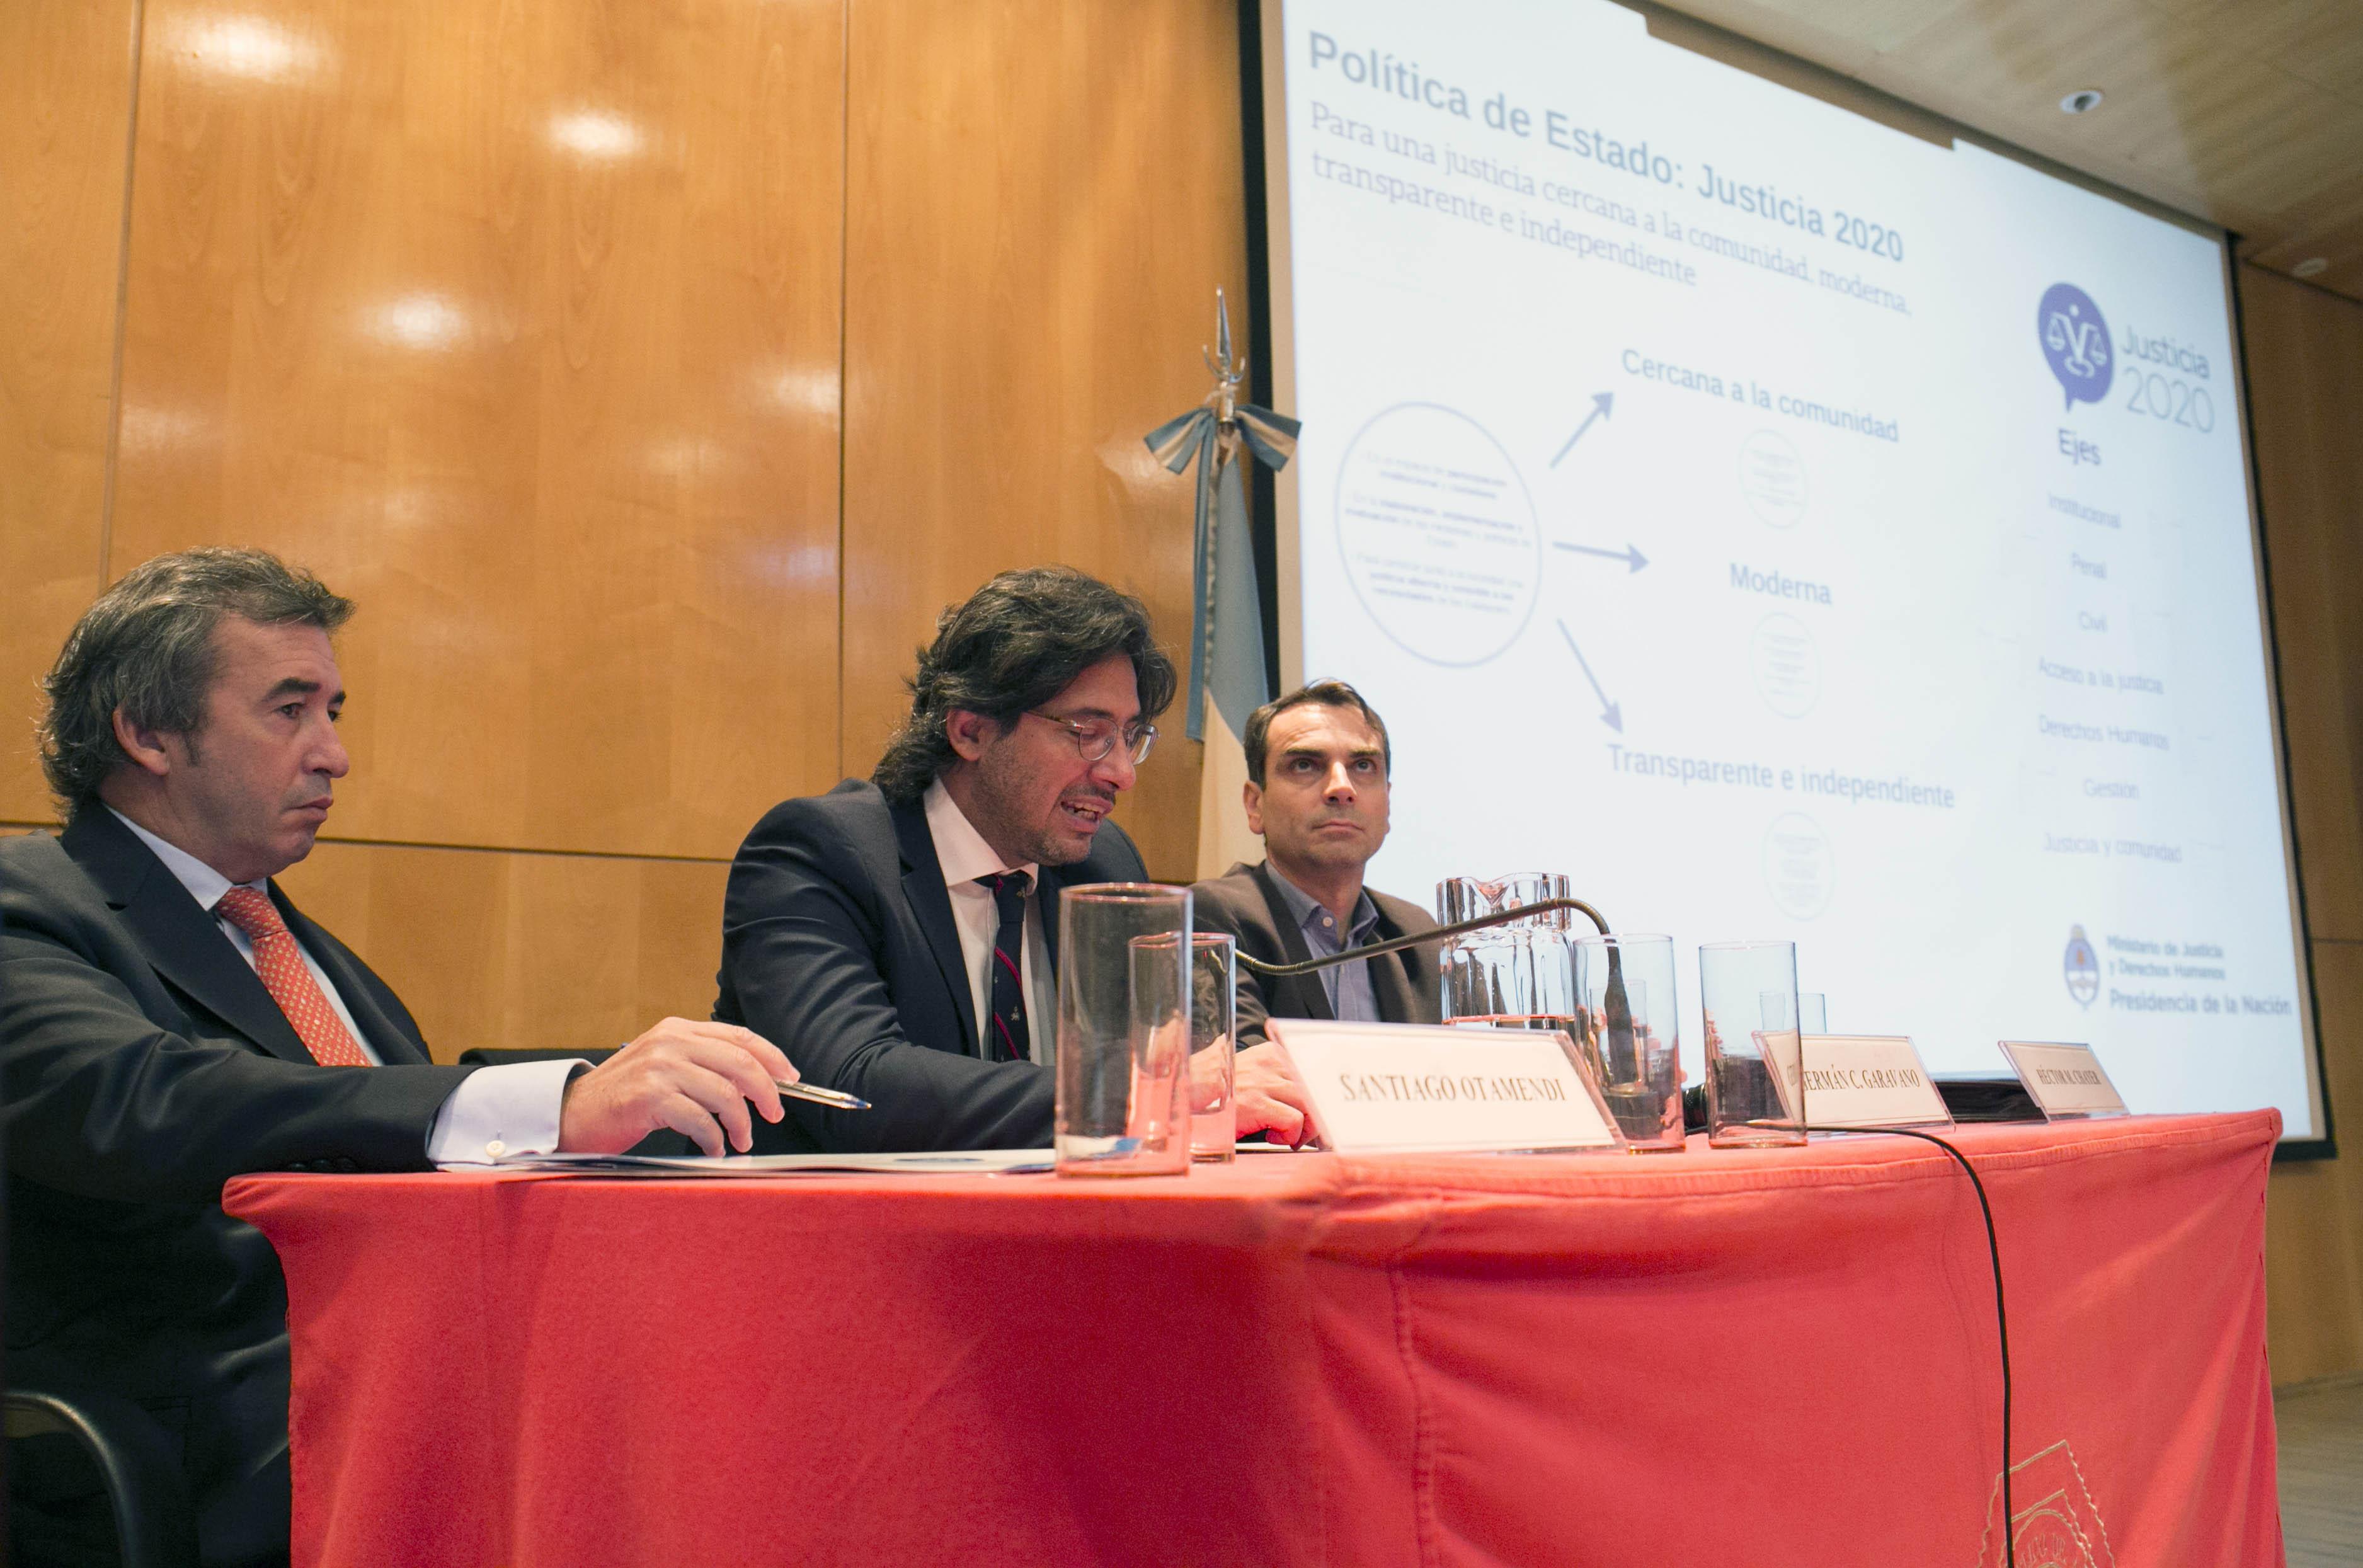 Se presentó Justicia 2020 en el Colegio Público de Abogados de Capital